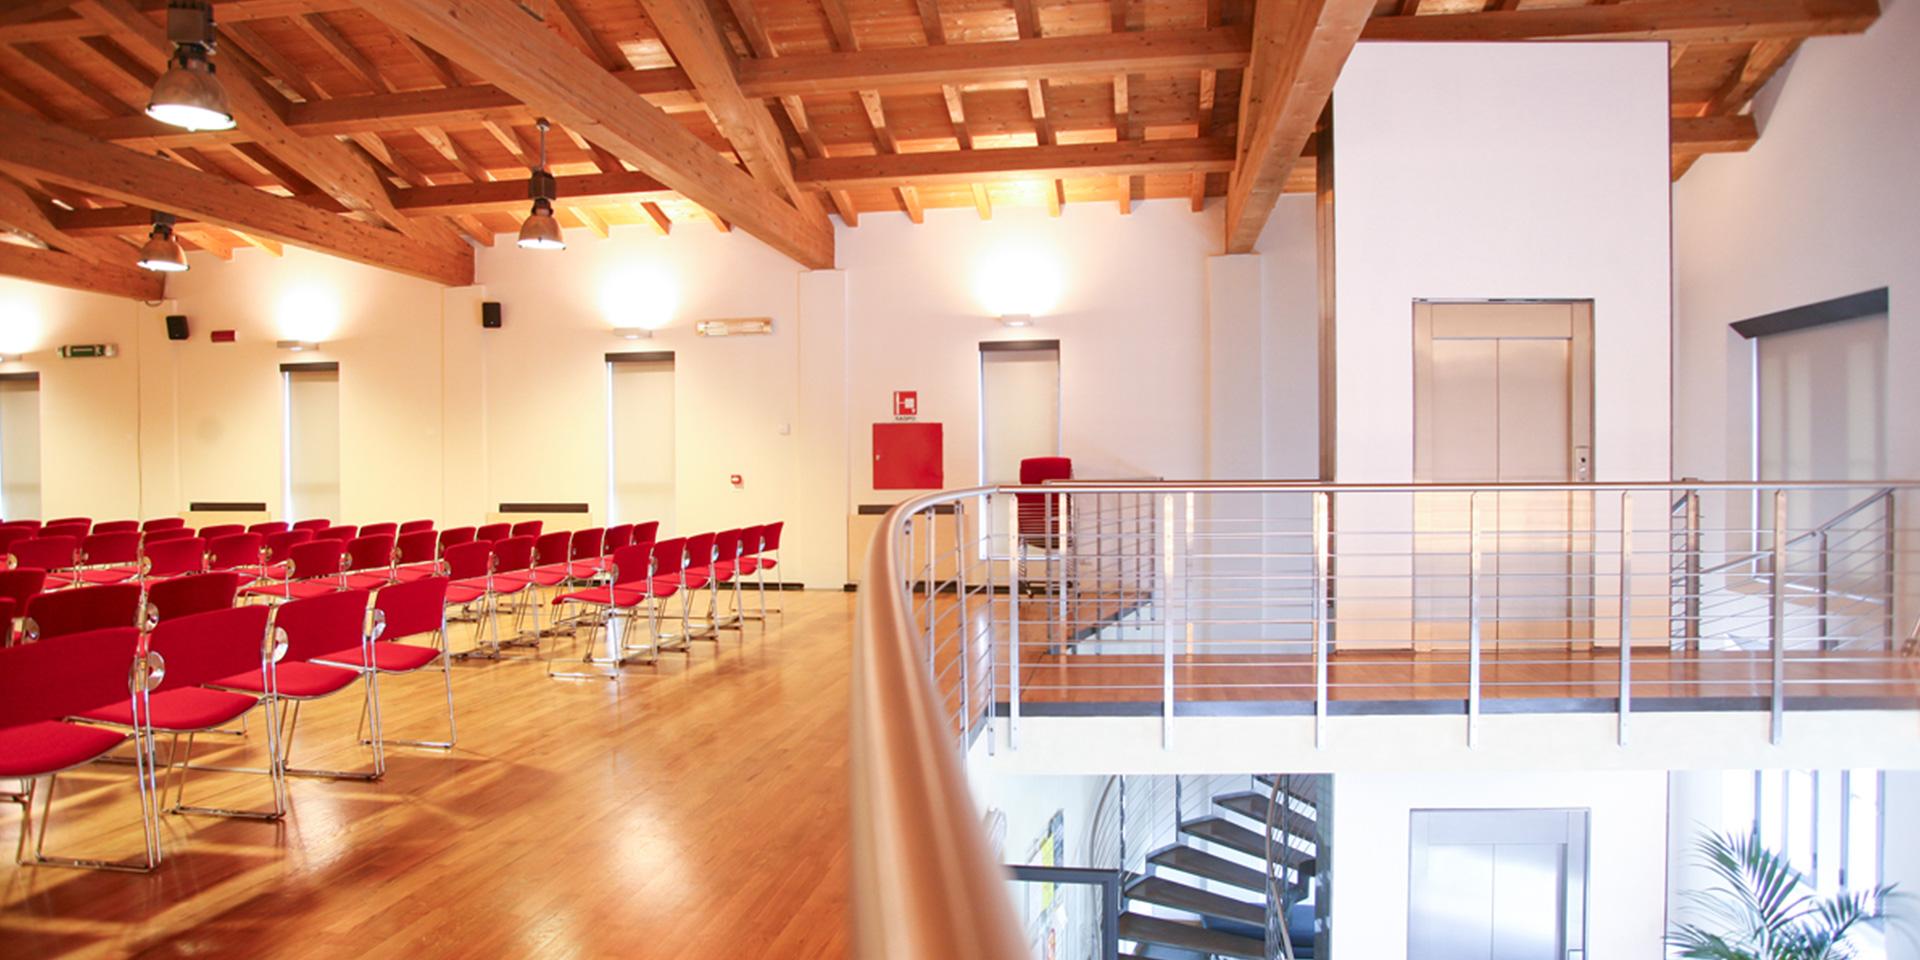 Teatro di Canossa, Binini Partners, Società di architettura e ingegneria